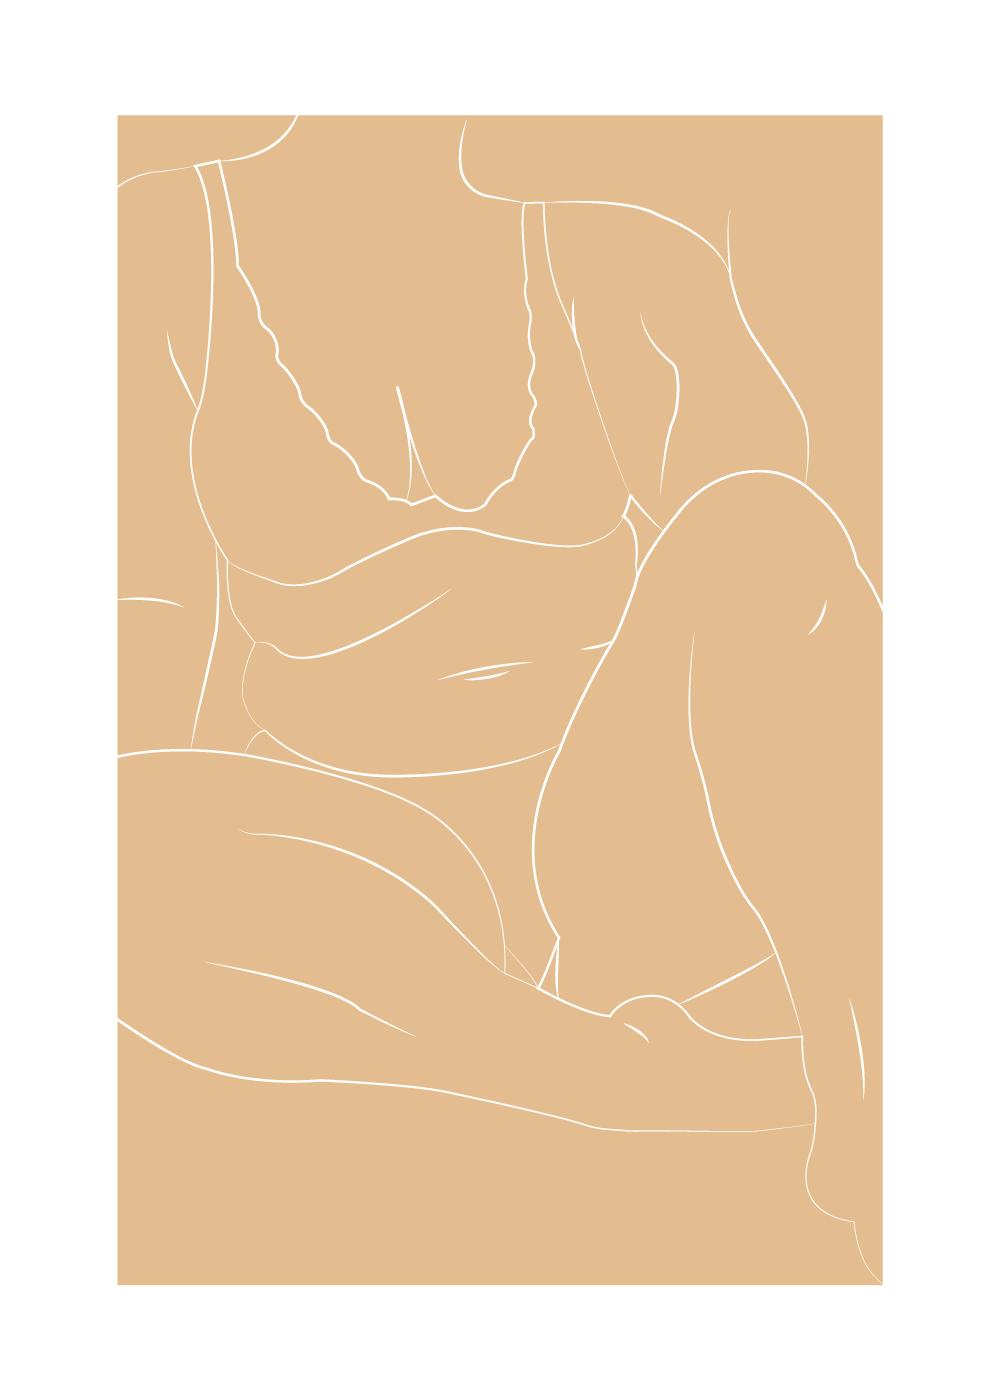 Billede af Sarah Frost - Body positivity plakat i brun